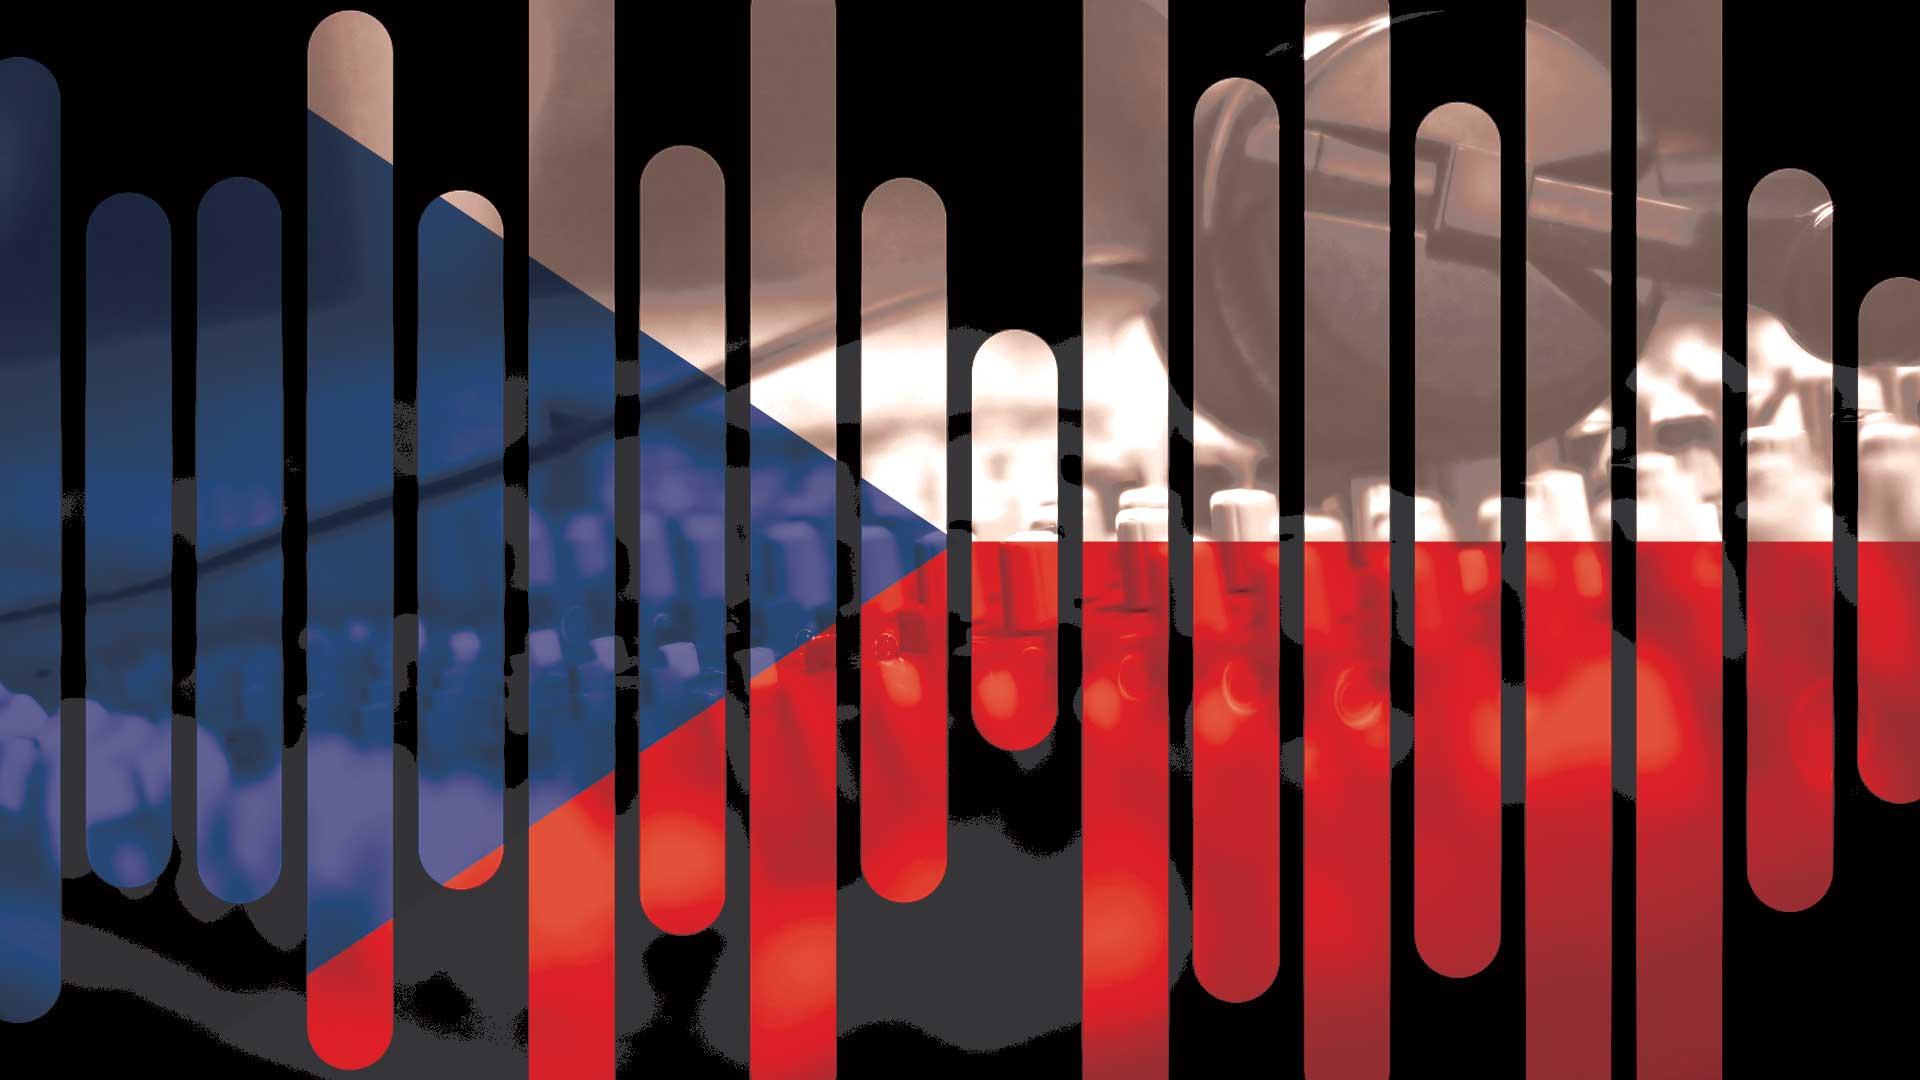 Voice-Over Services Czech Republic - Voquent